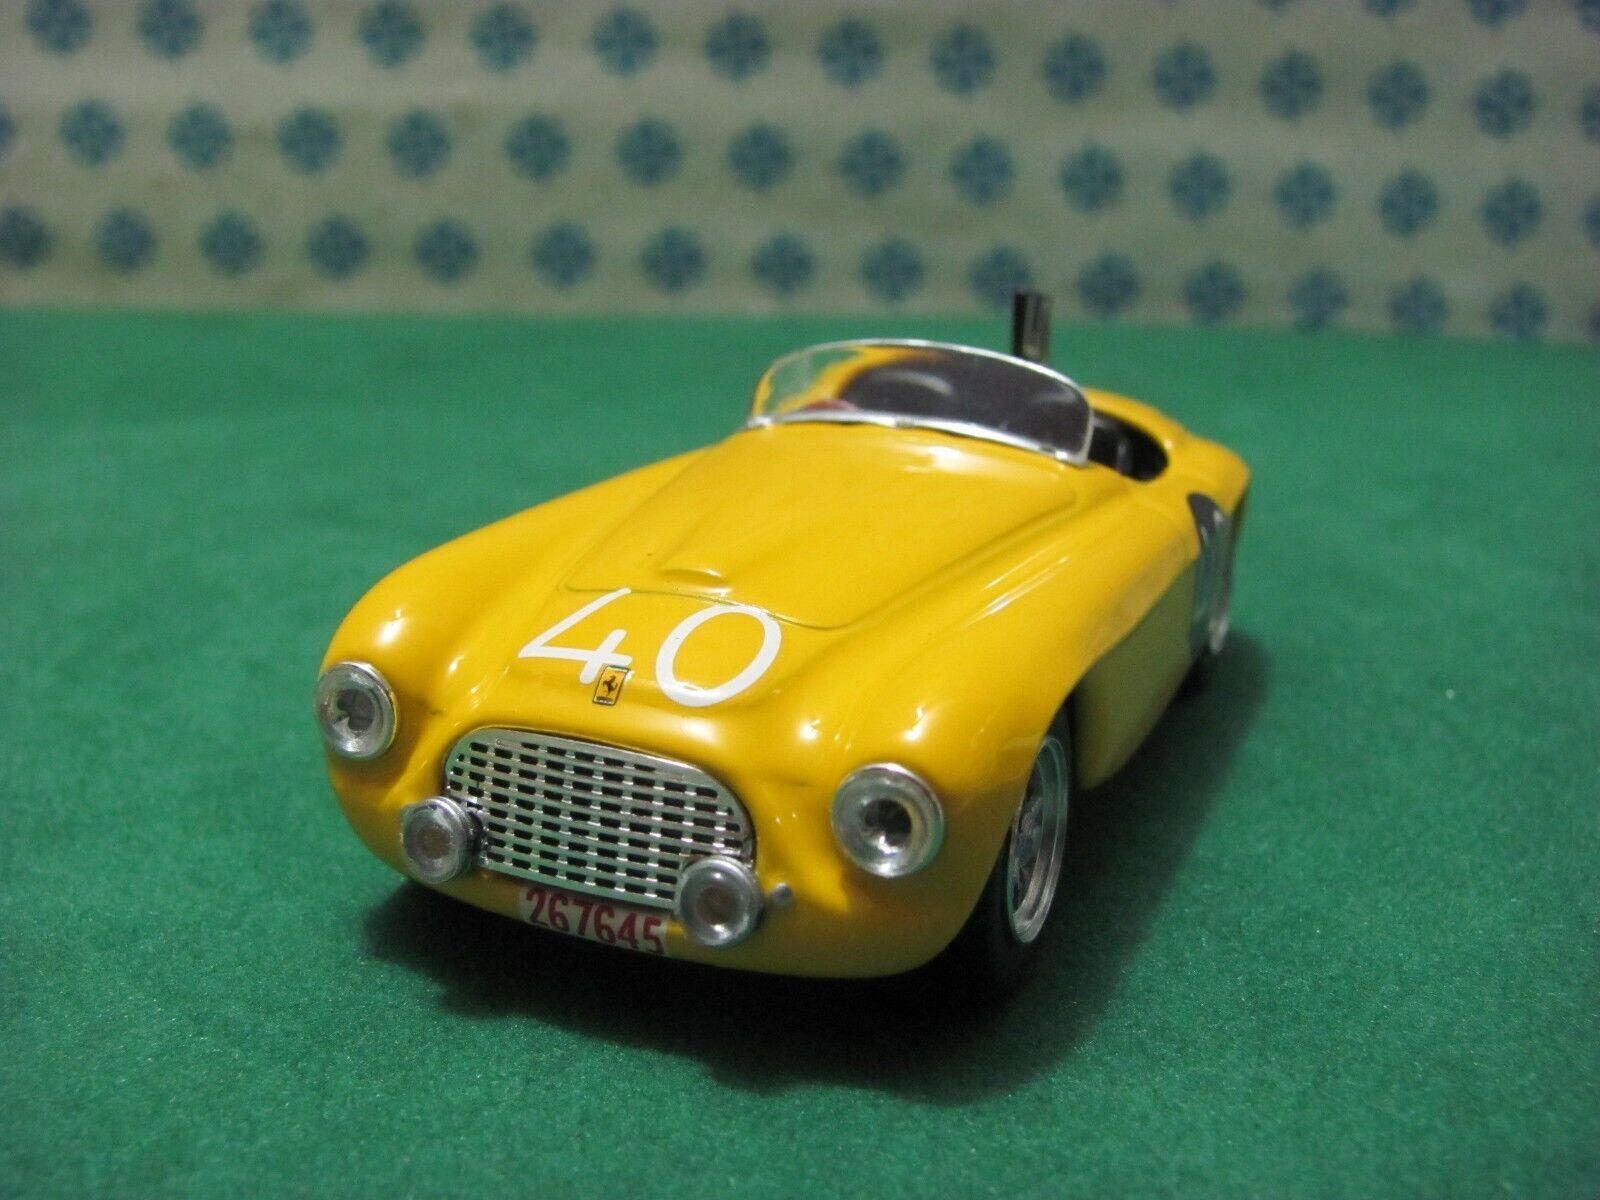 ti renderà soddisfatto FERRARI 166 MM SP.  2000cc. Spyder touring     SPA 1949  - 1 43 Art modello  204  vanno a ruba